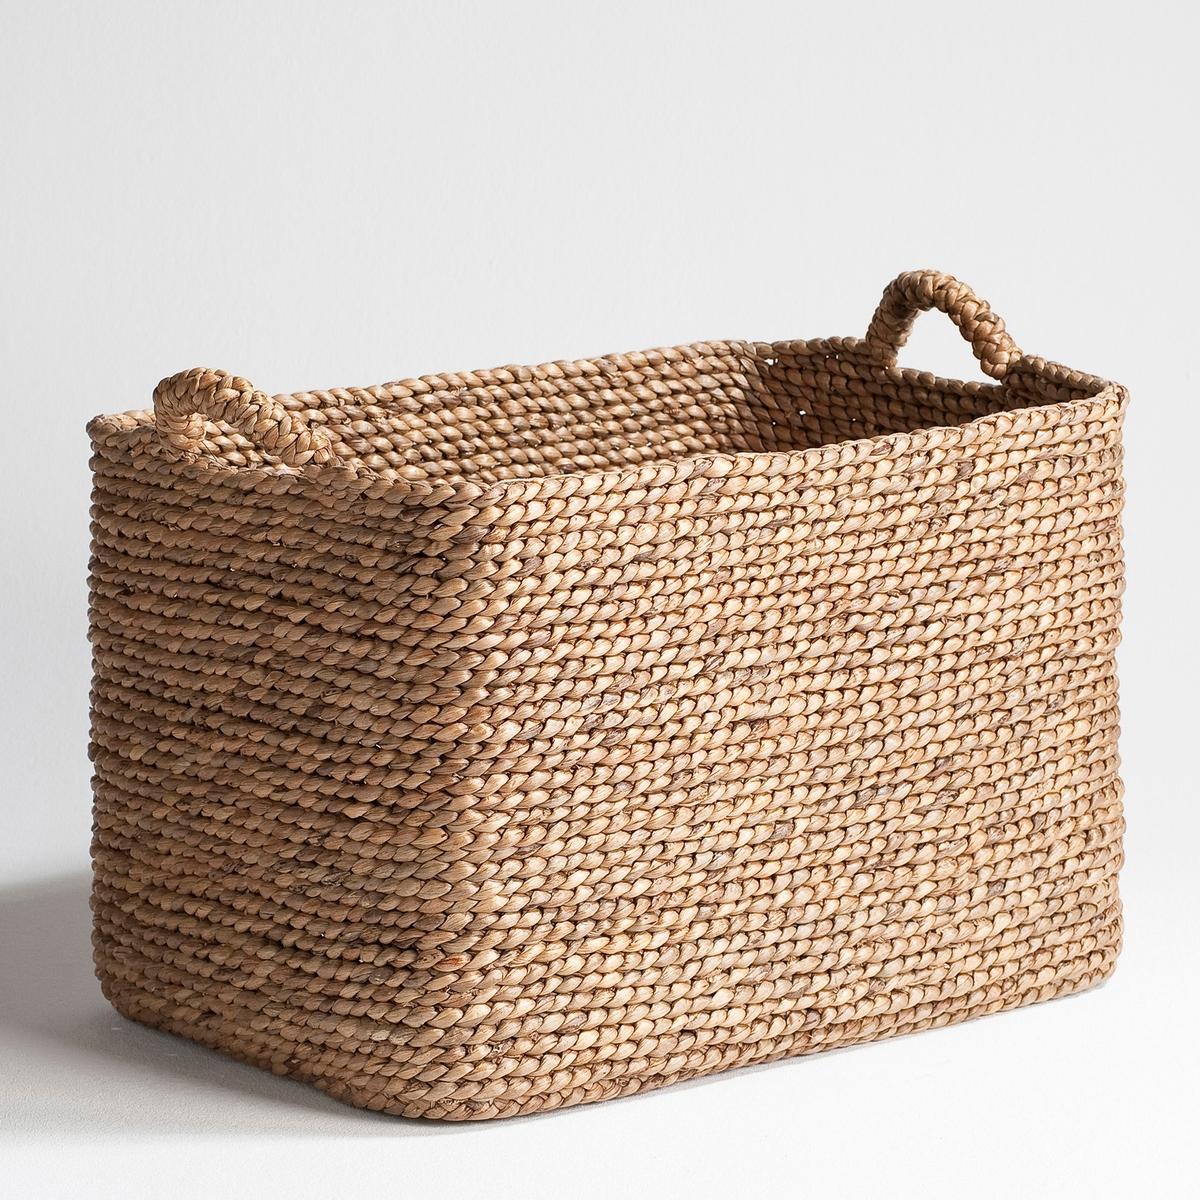 Плетеная корзина Raga прямоугольной формыПрактичная и красивая плетеная корзина прямоугольной формы займет достойное место в гостиной, чтобы хранить журналы, в спальне, чтобы хранить белье или игрушки. Из плетеных волокон эйхорнии. Ш.50 x Г.35 x В.35 см.  Произведено вручную.<br><br>Цвет: серо-бежевый